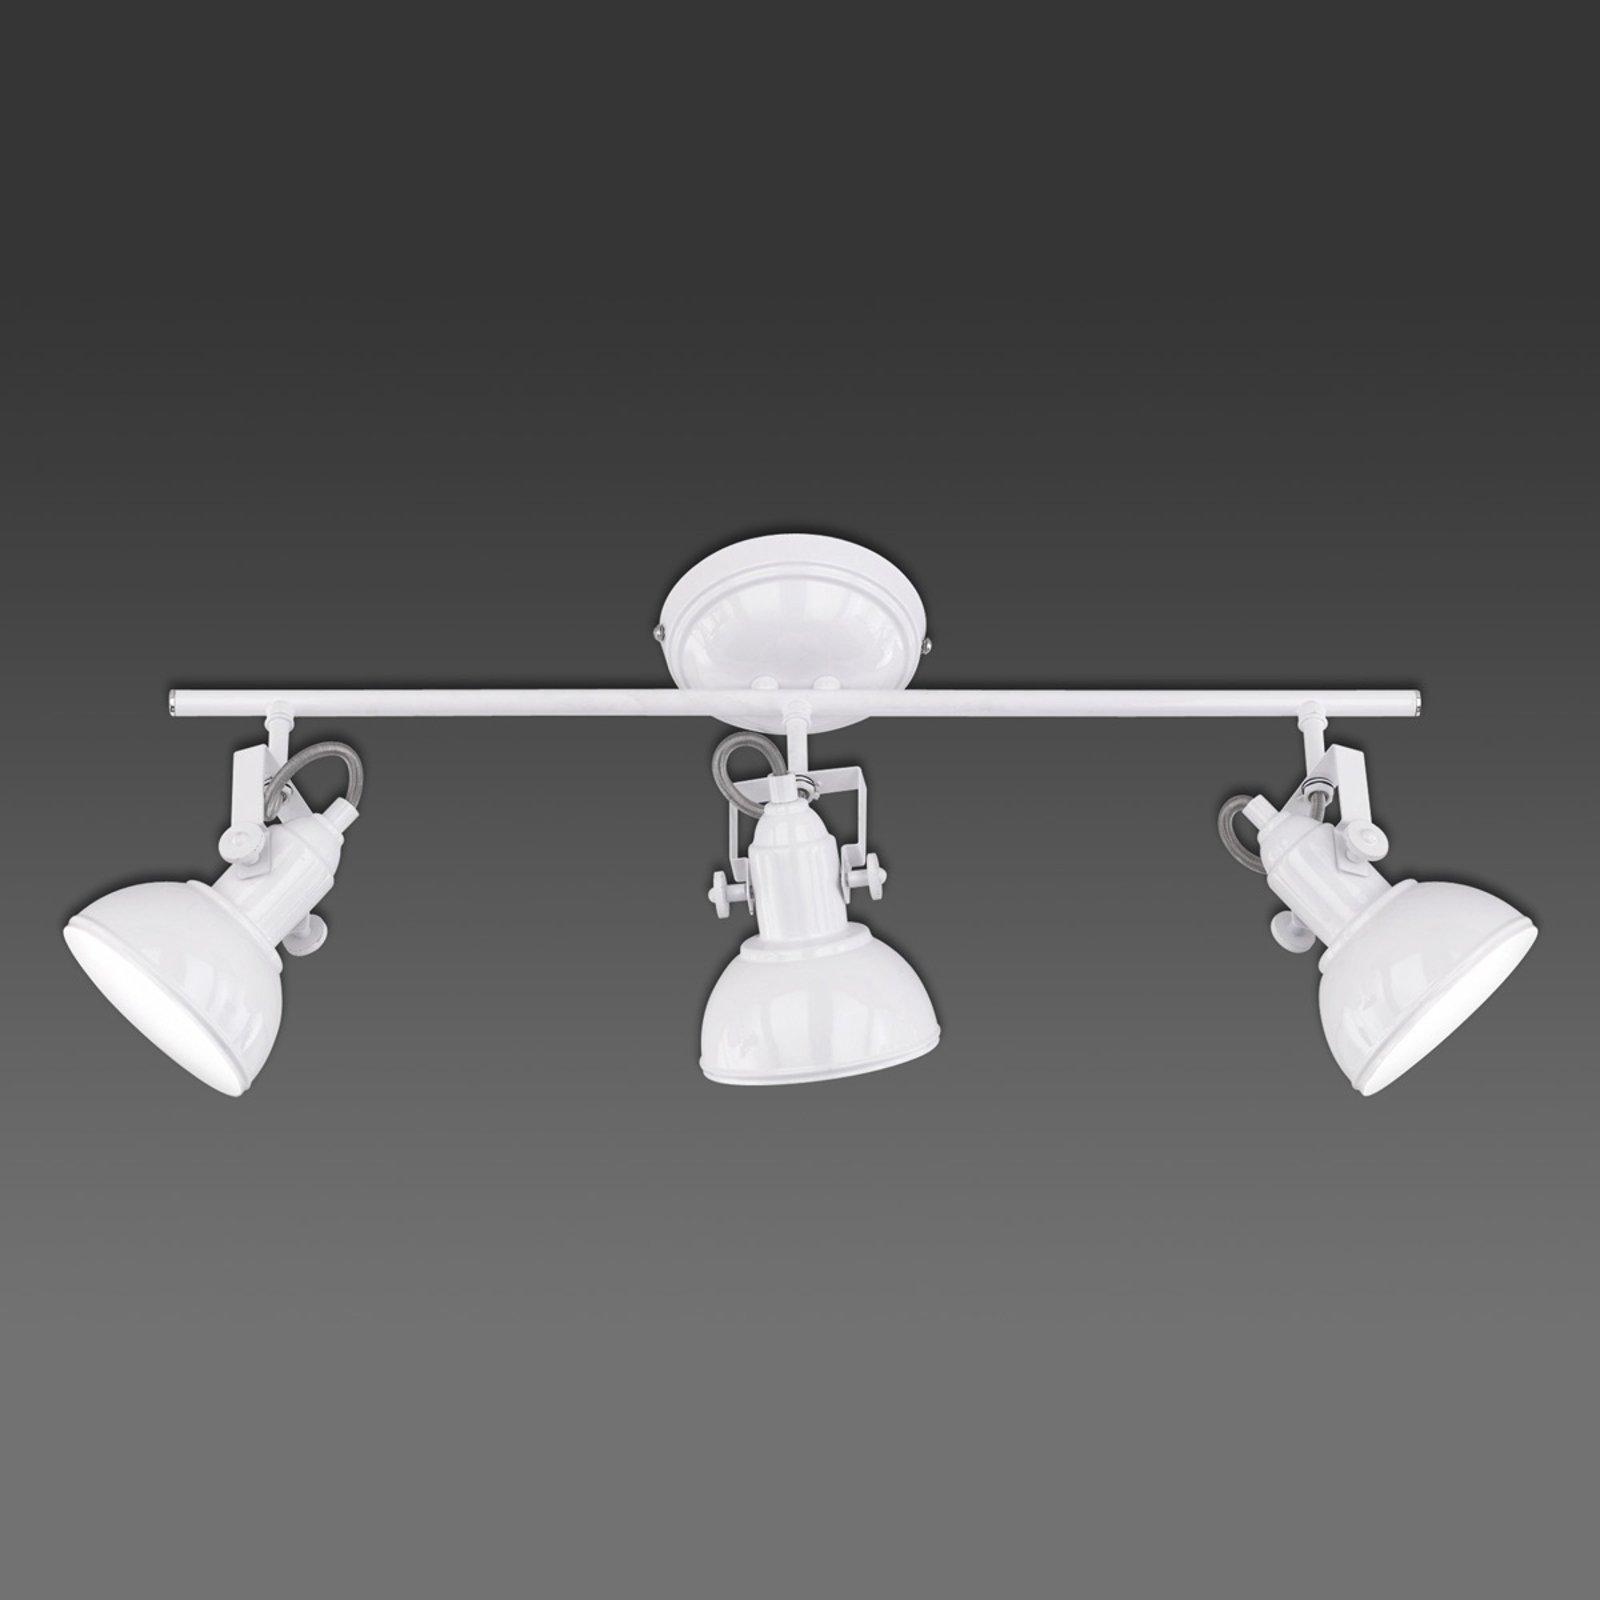 Taklampe Gina, 3 lyskilder, hvit